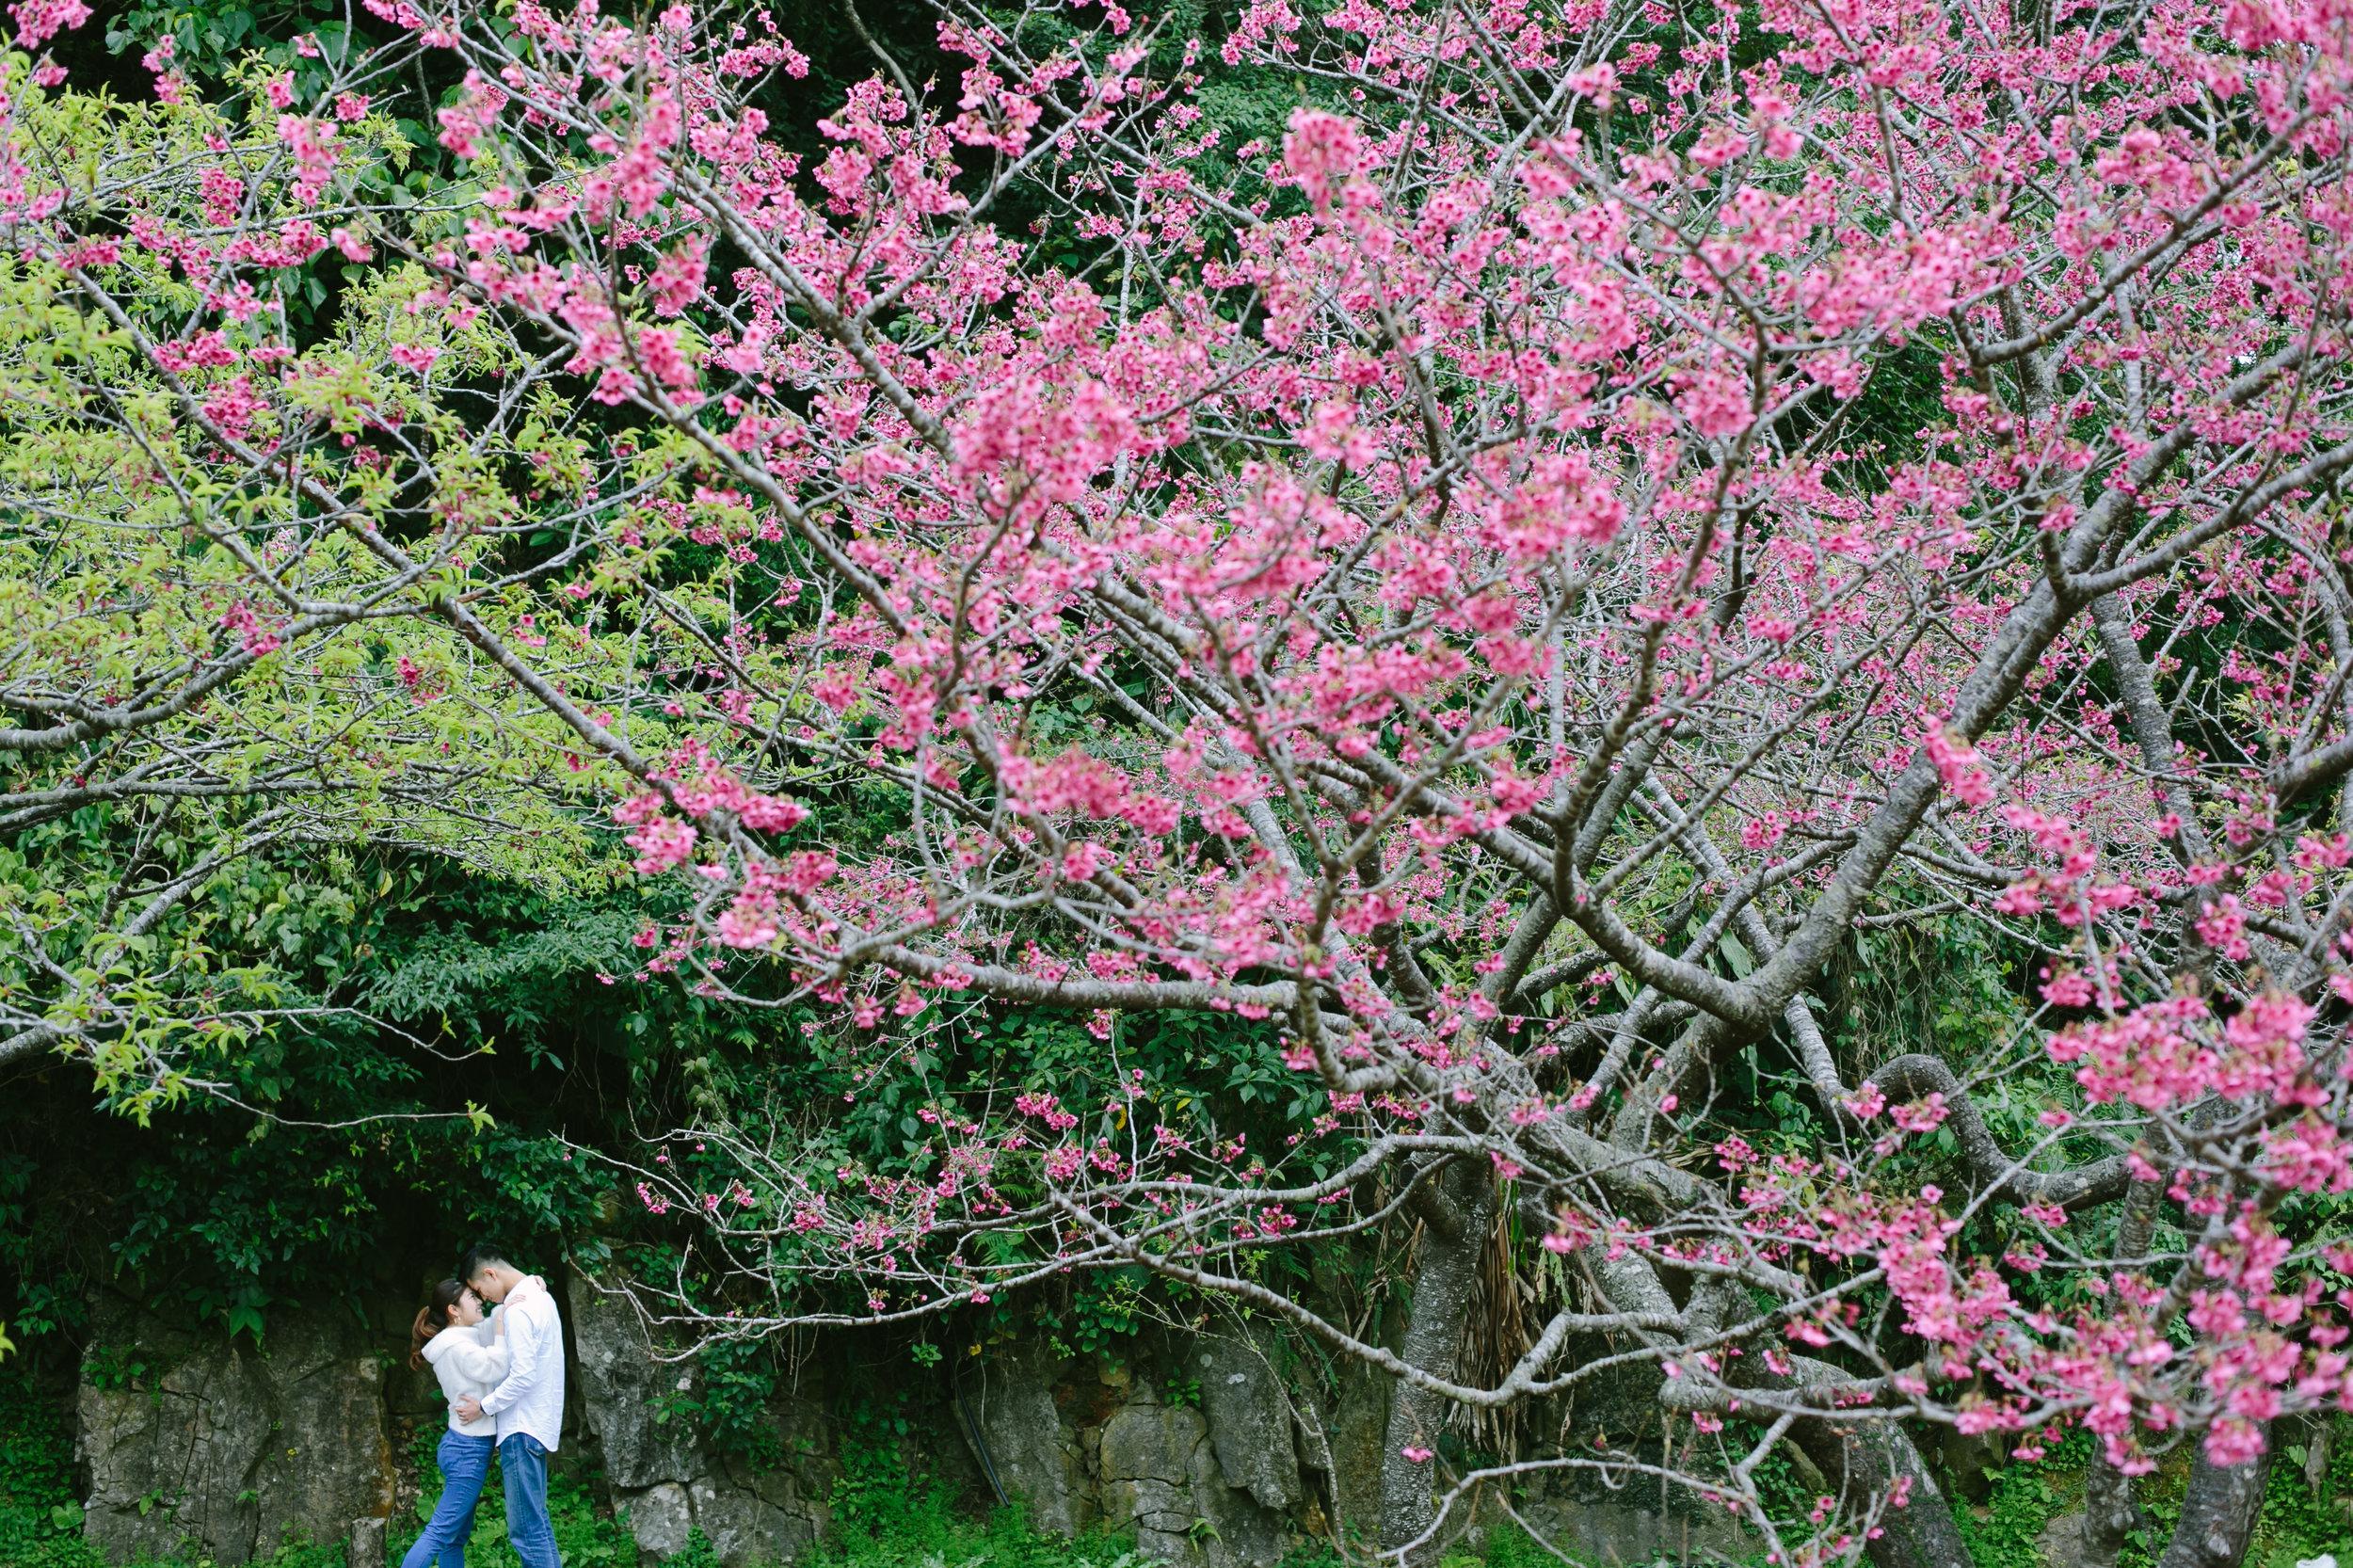 沖縄カップルフォト | 沖縄桜 | 出張カメラマン | Koji Nishida Photography